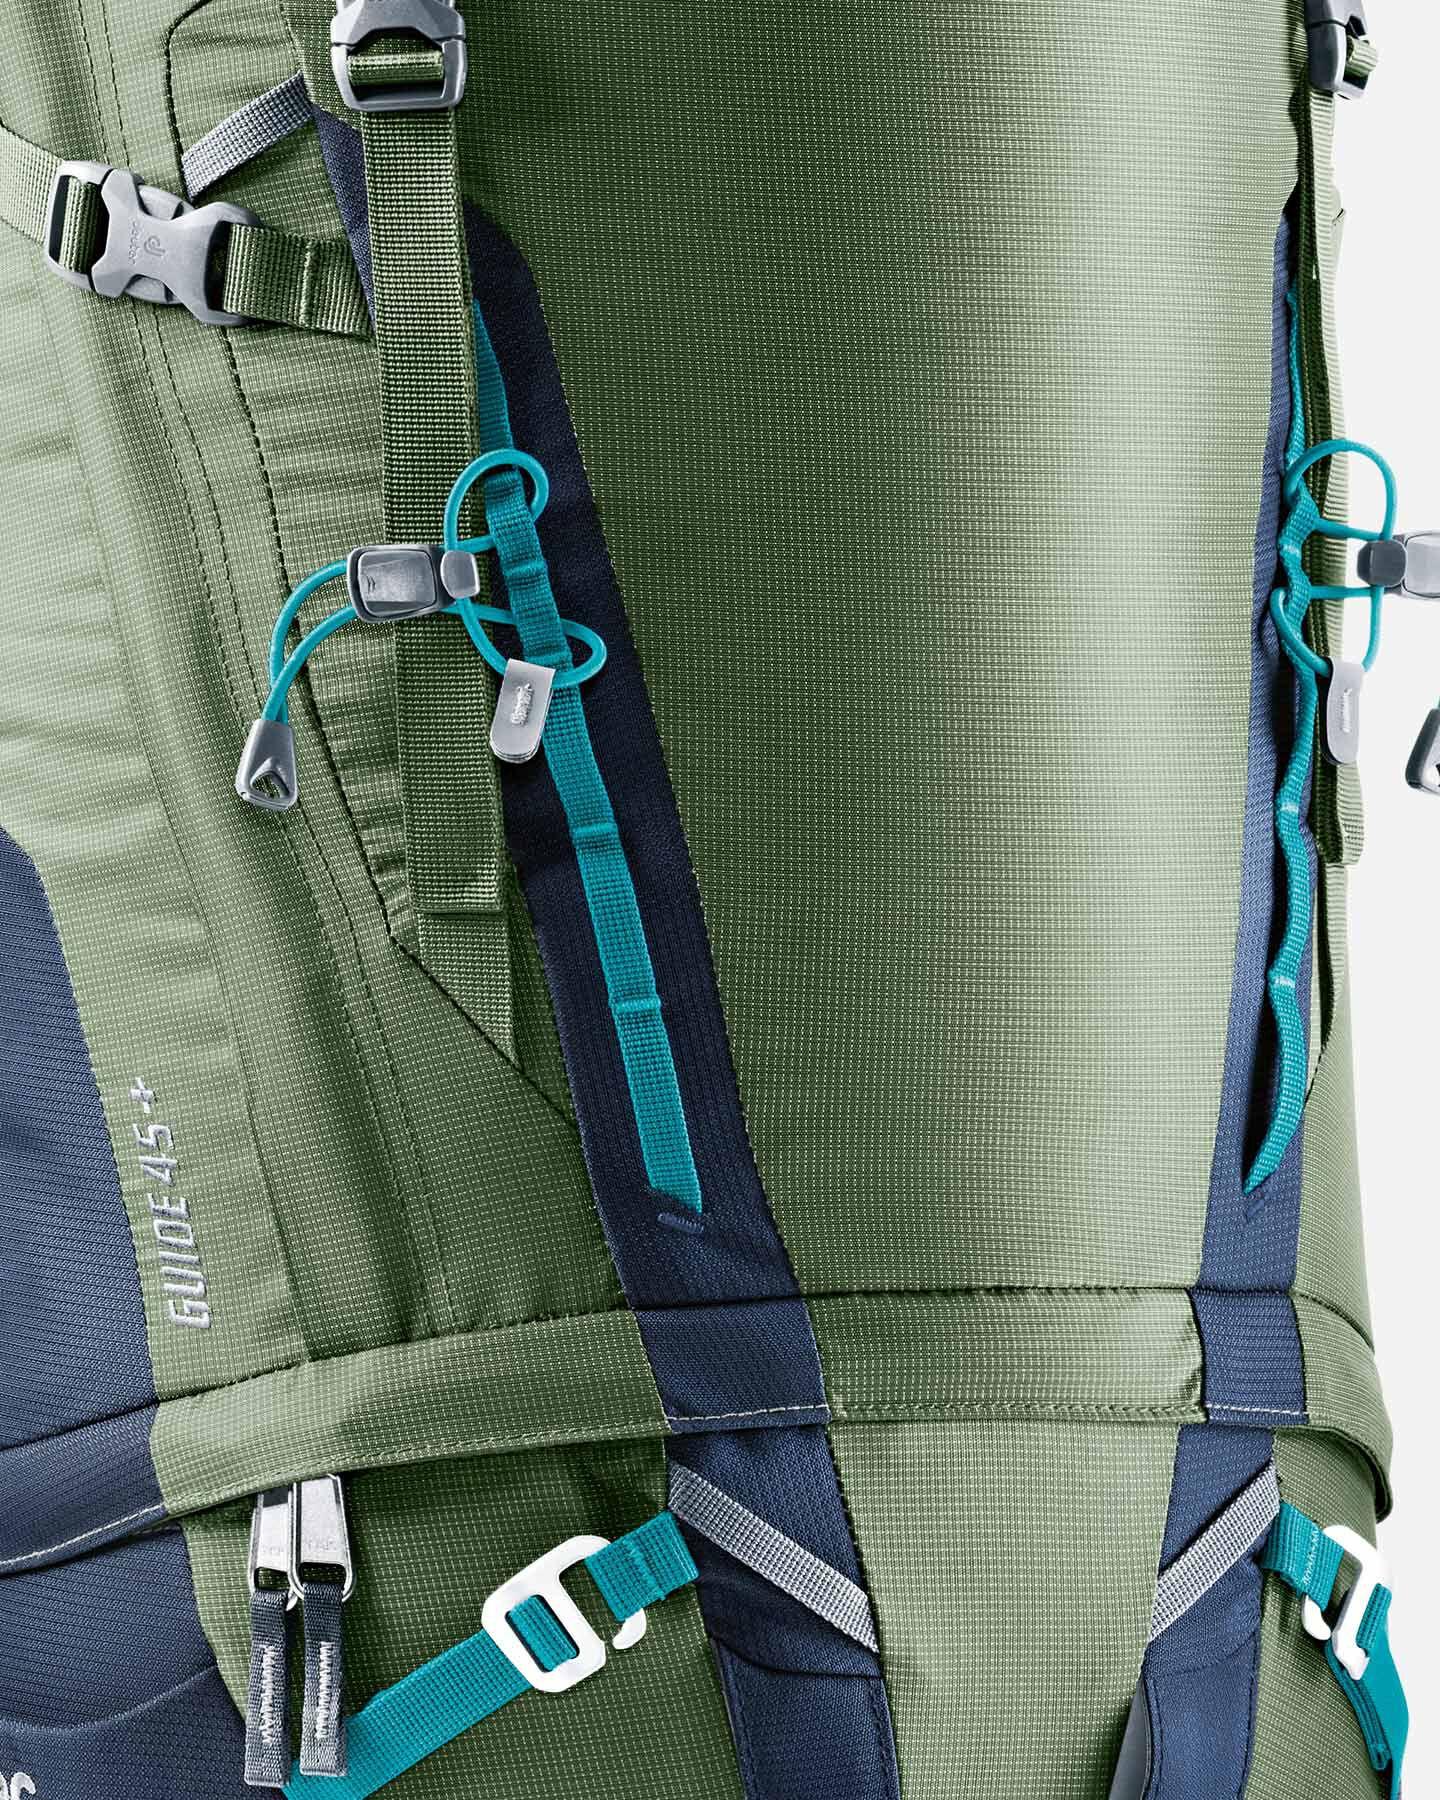 Zaino alpinismo DEUTER GUIDE 45+ S4064228|2325|UNI scatto 1